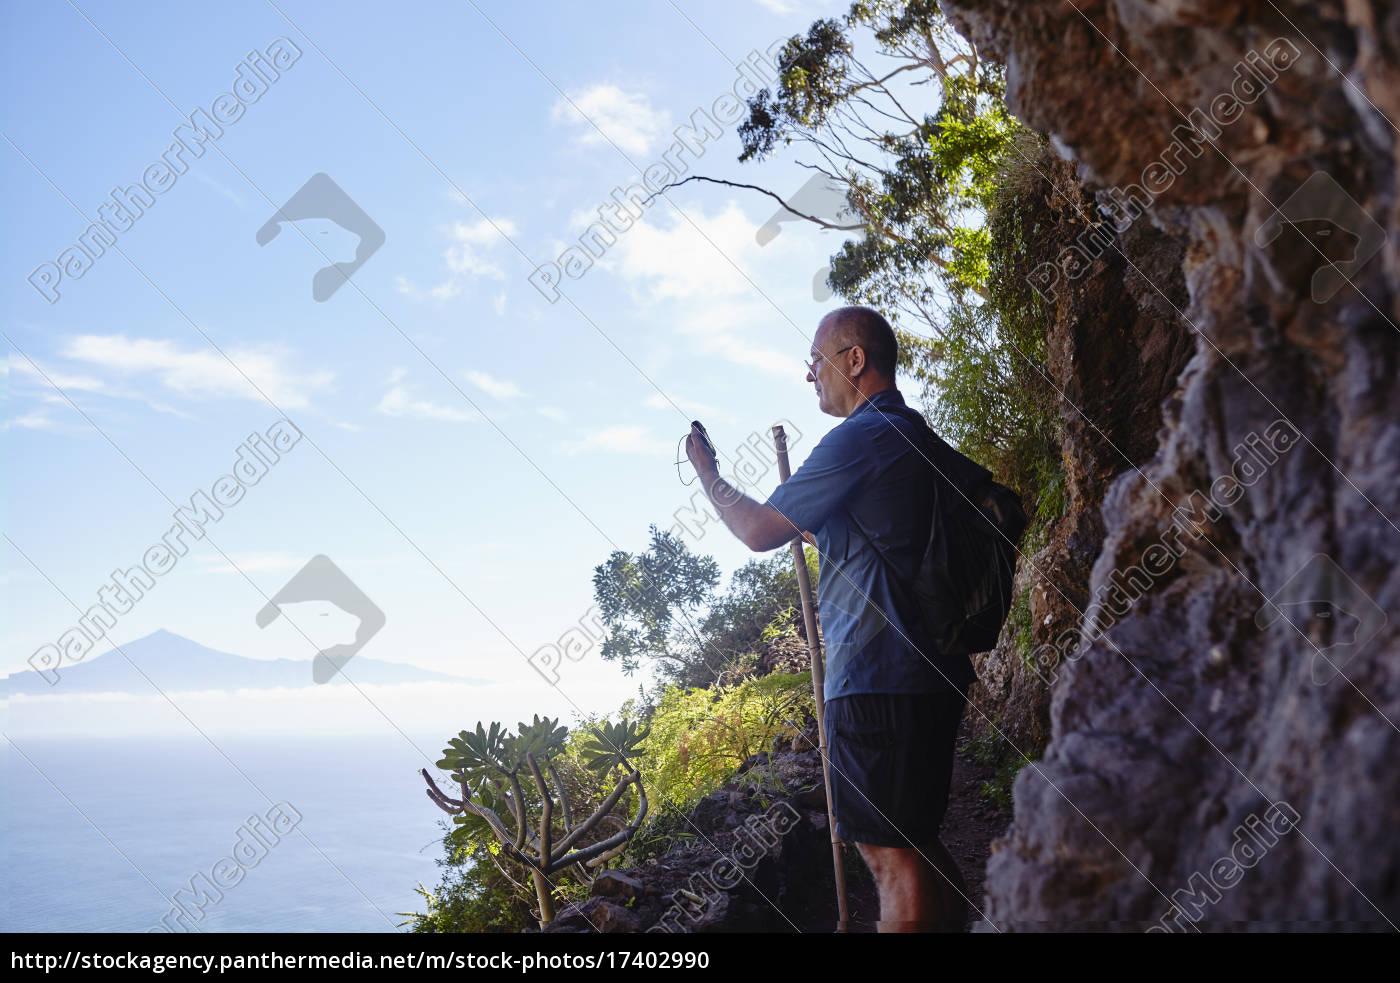 spanien, kanarische, inseln, la, gomera, wanderer, mit, gps-navigationsgerät - 17402990